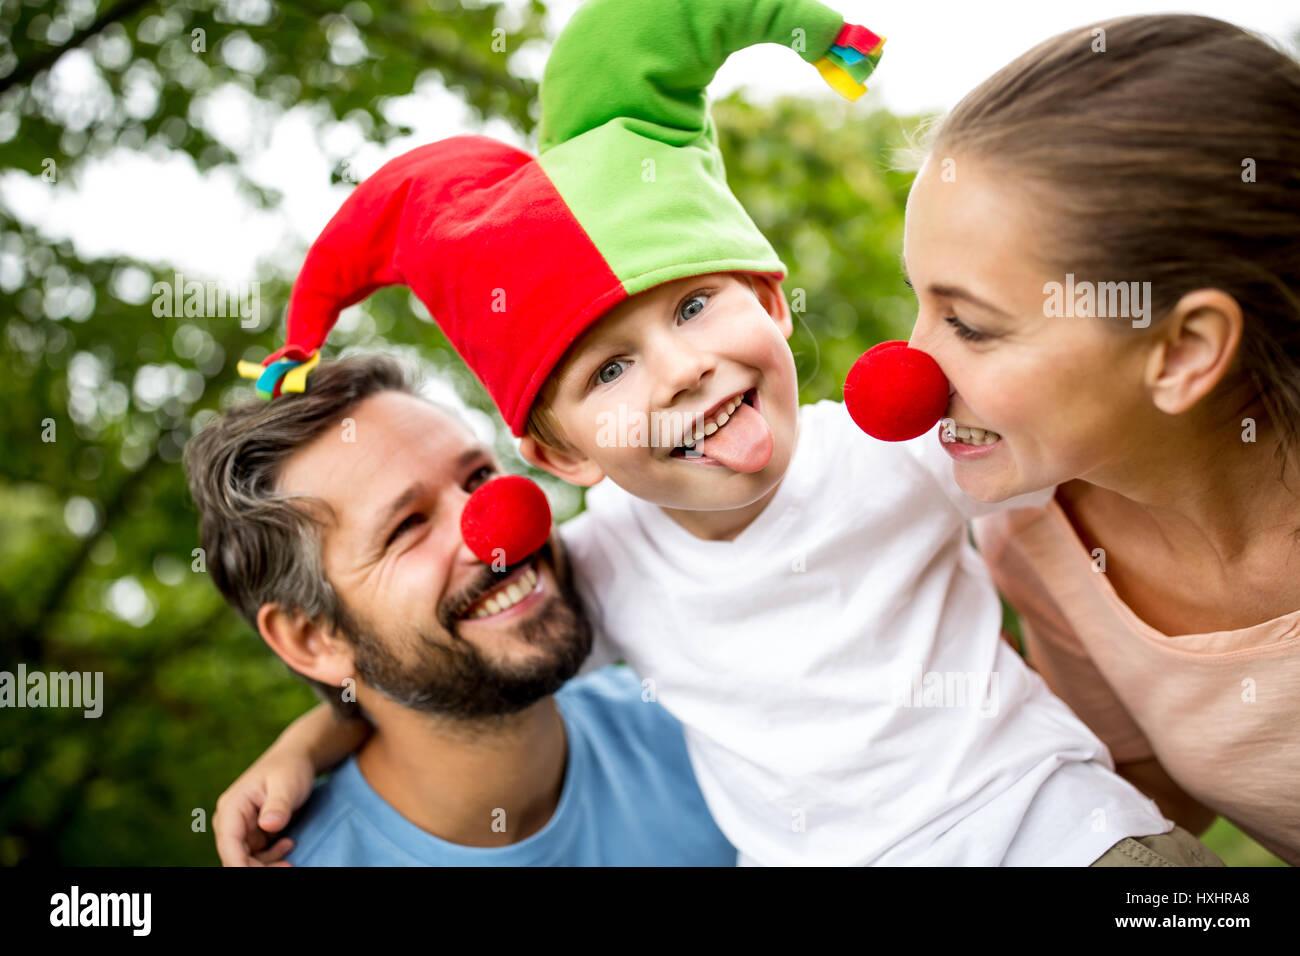 Enfant portant chapeau fou et montrant sa langue avec sa famille Photo Stock